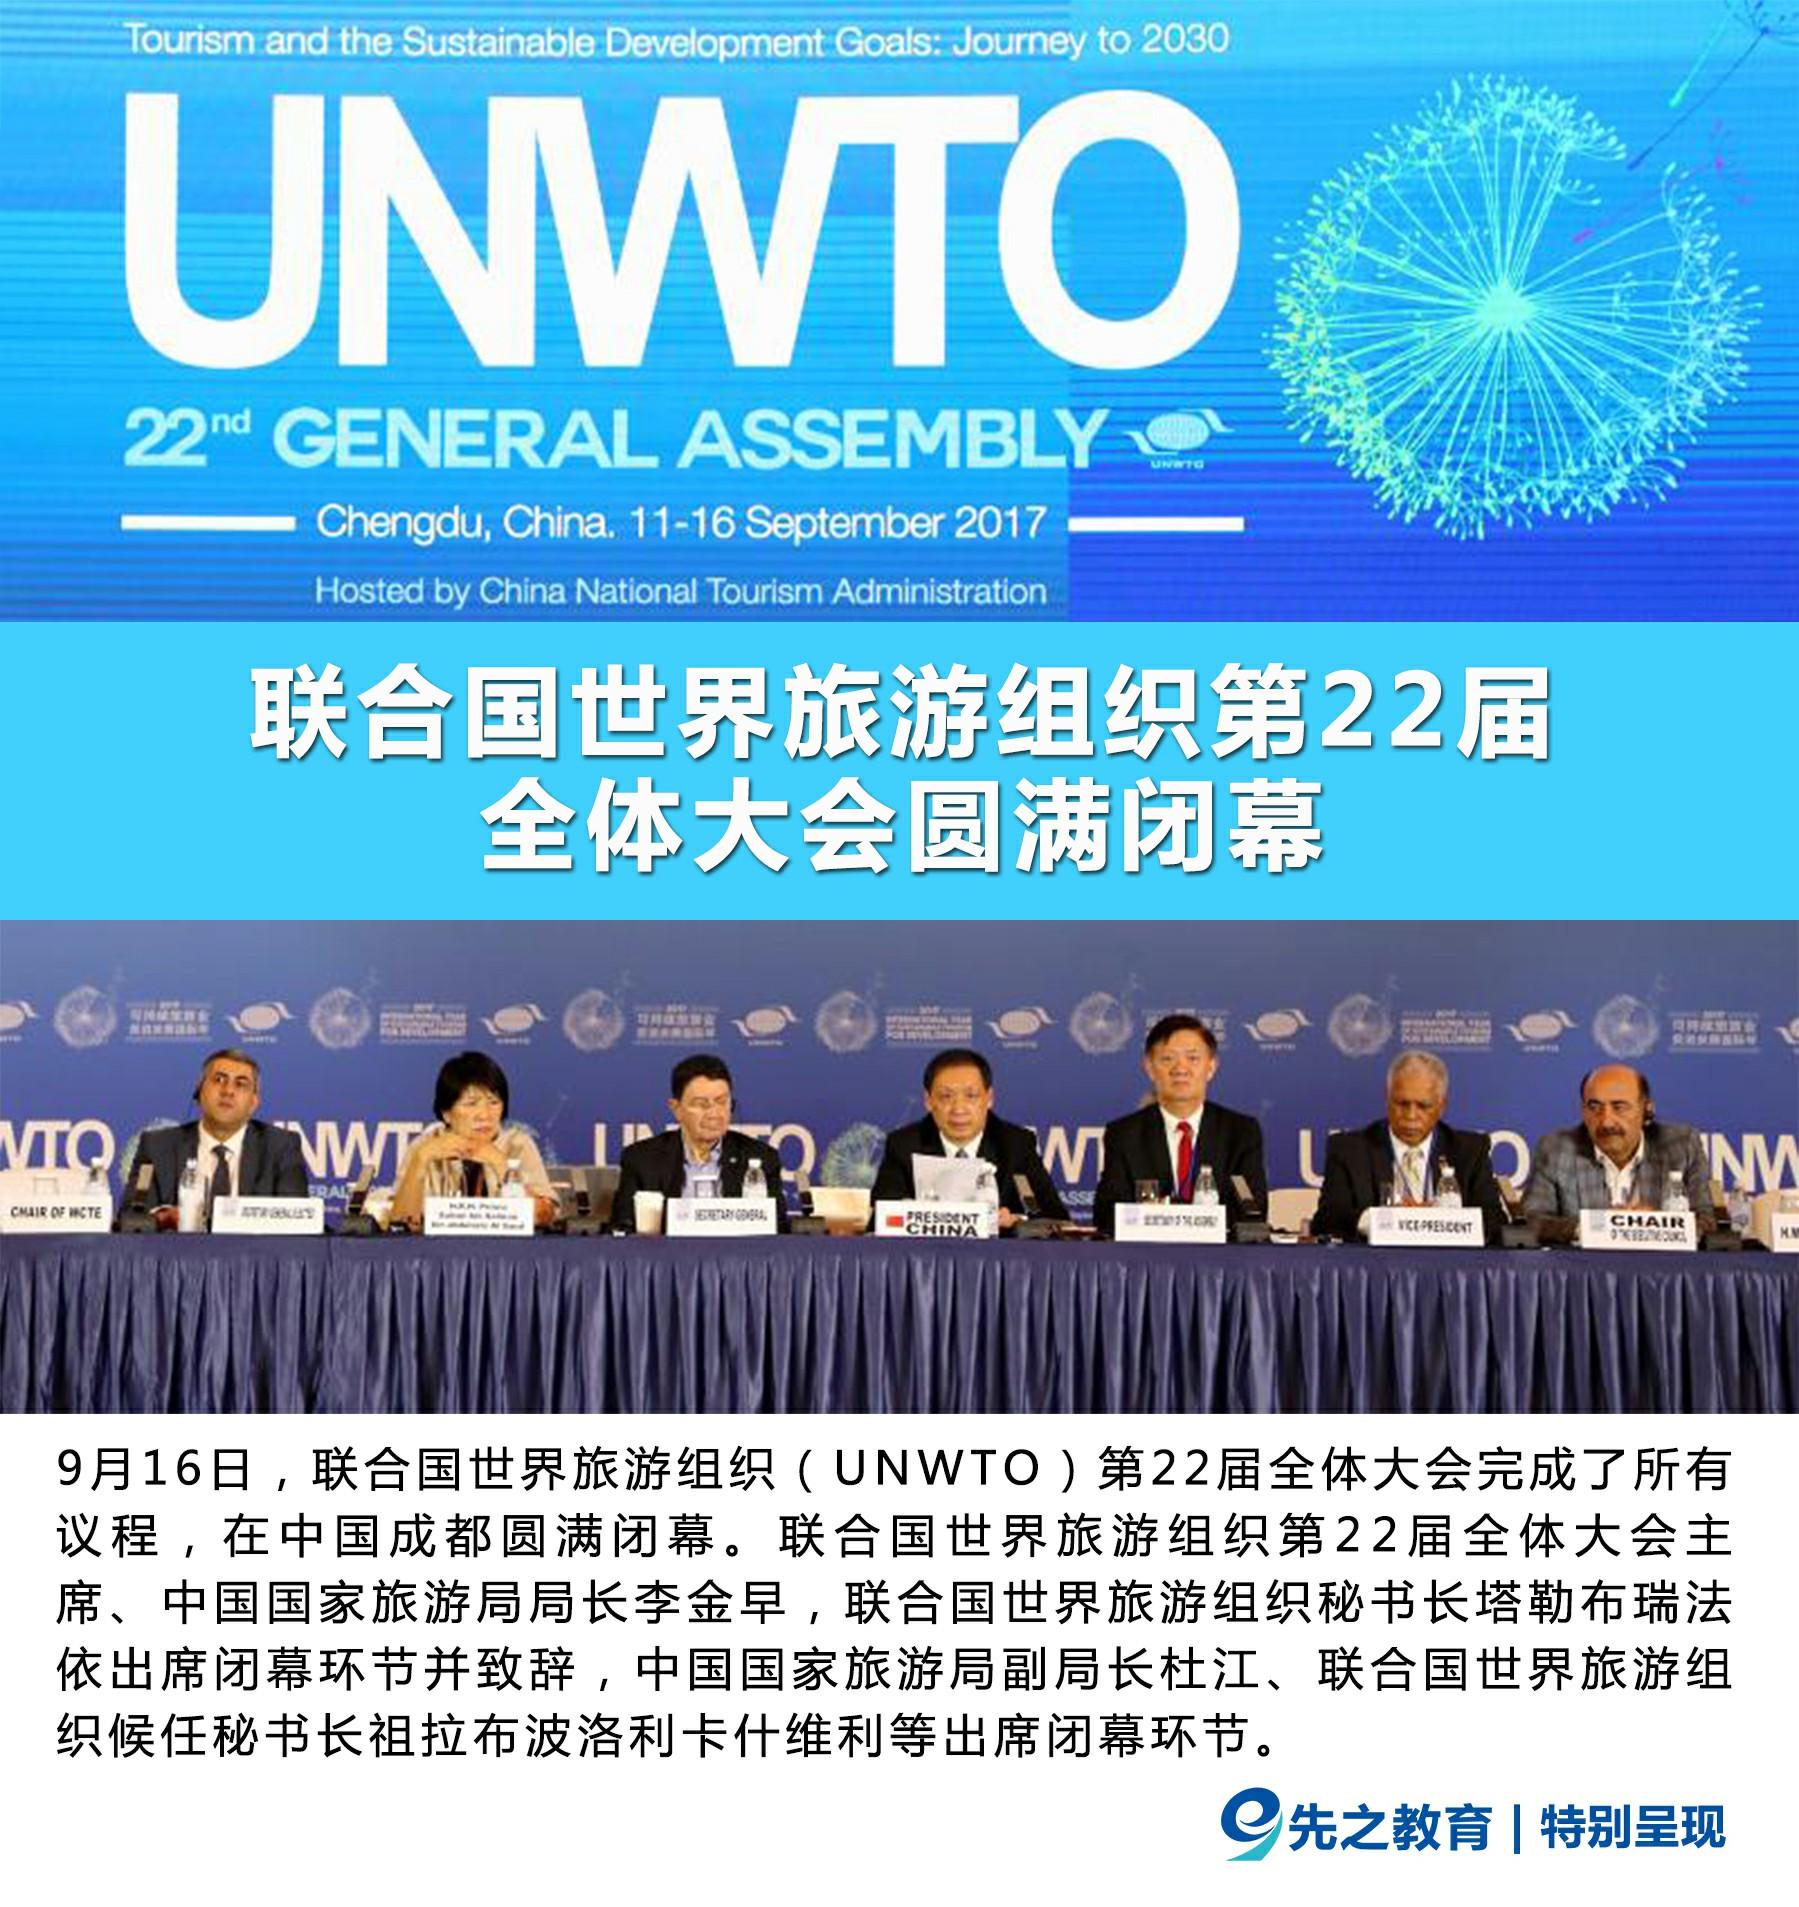 UNWTO 第22届全体大会圆满闭幕 先之为中国旅游业而自豪